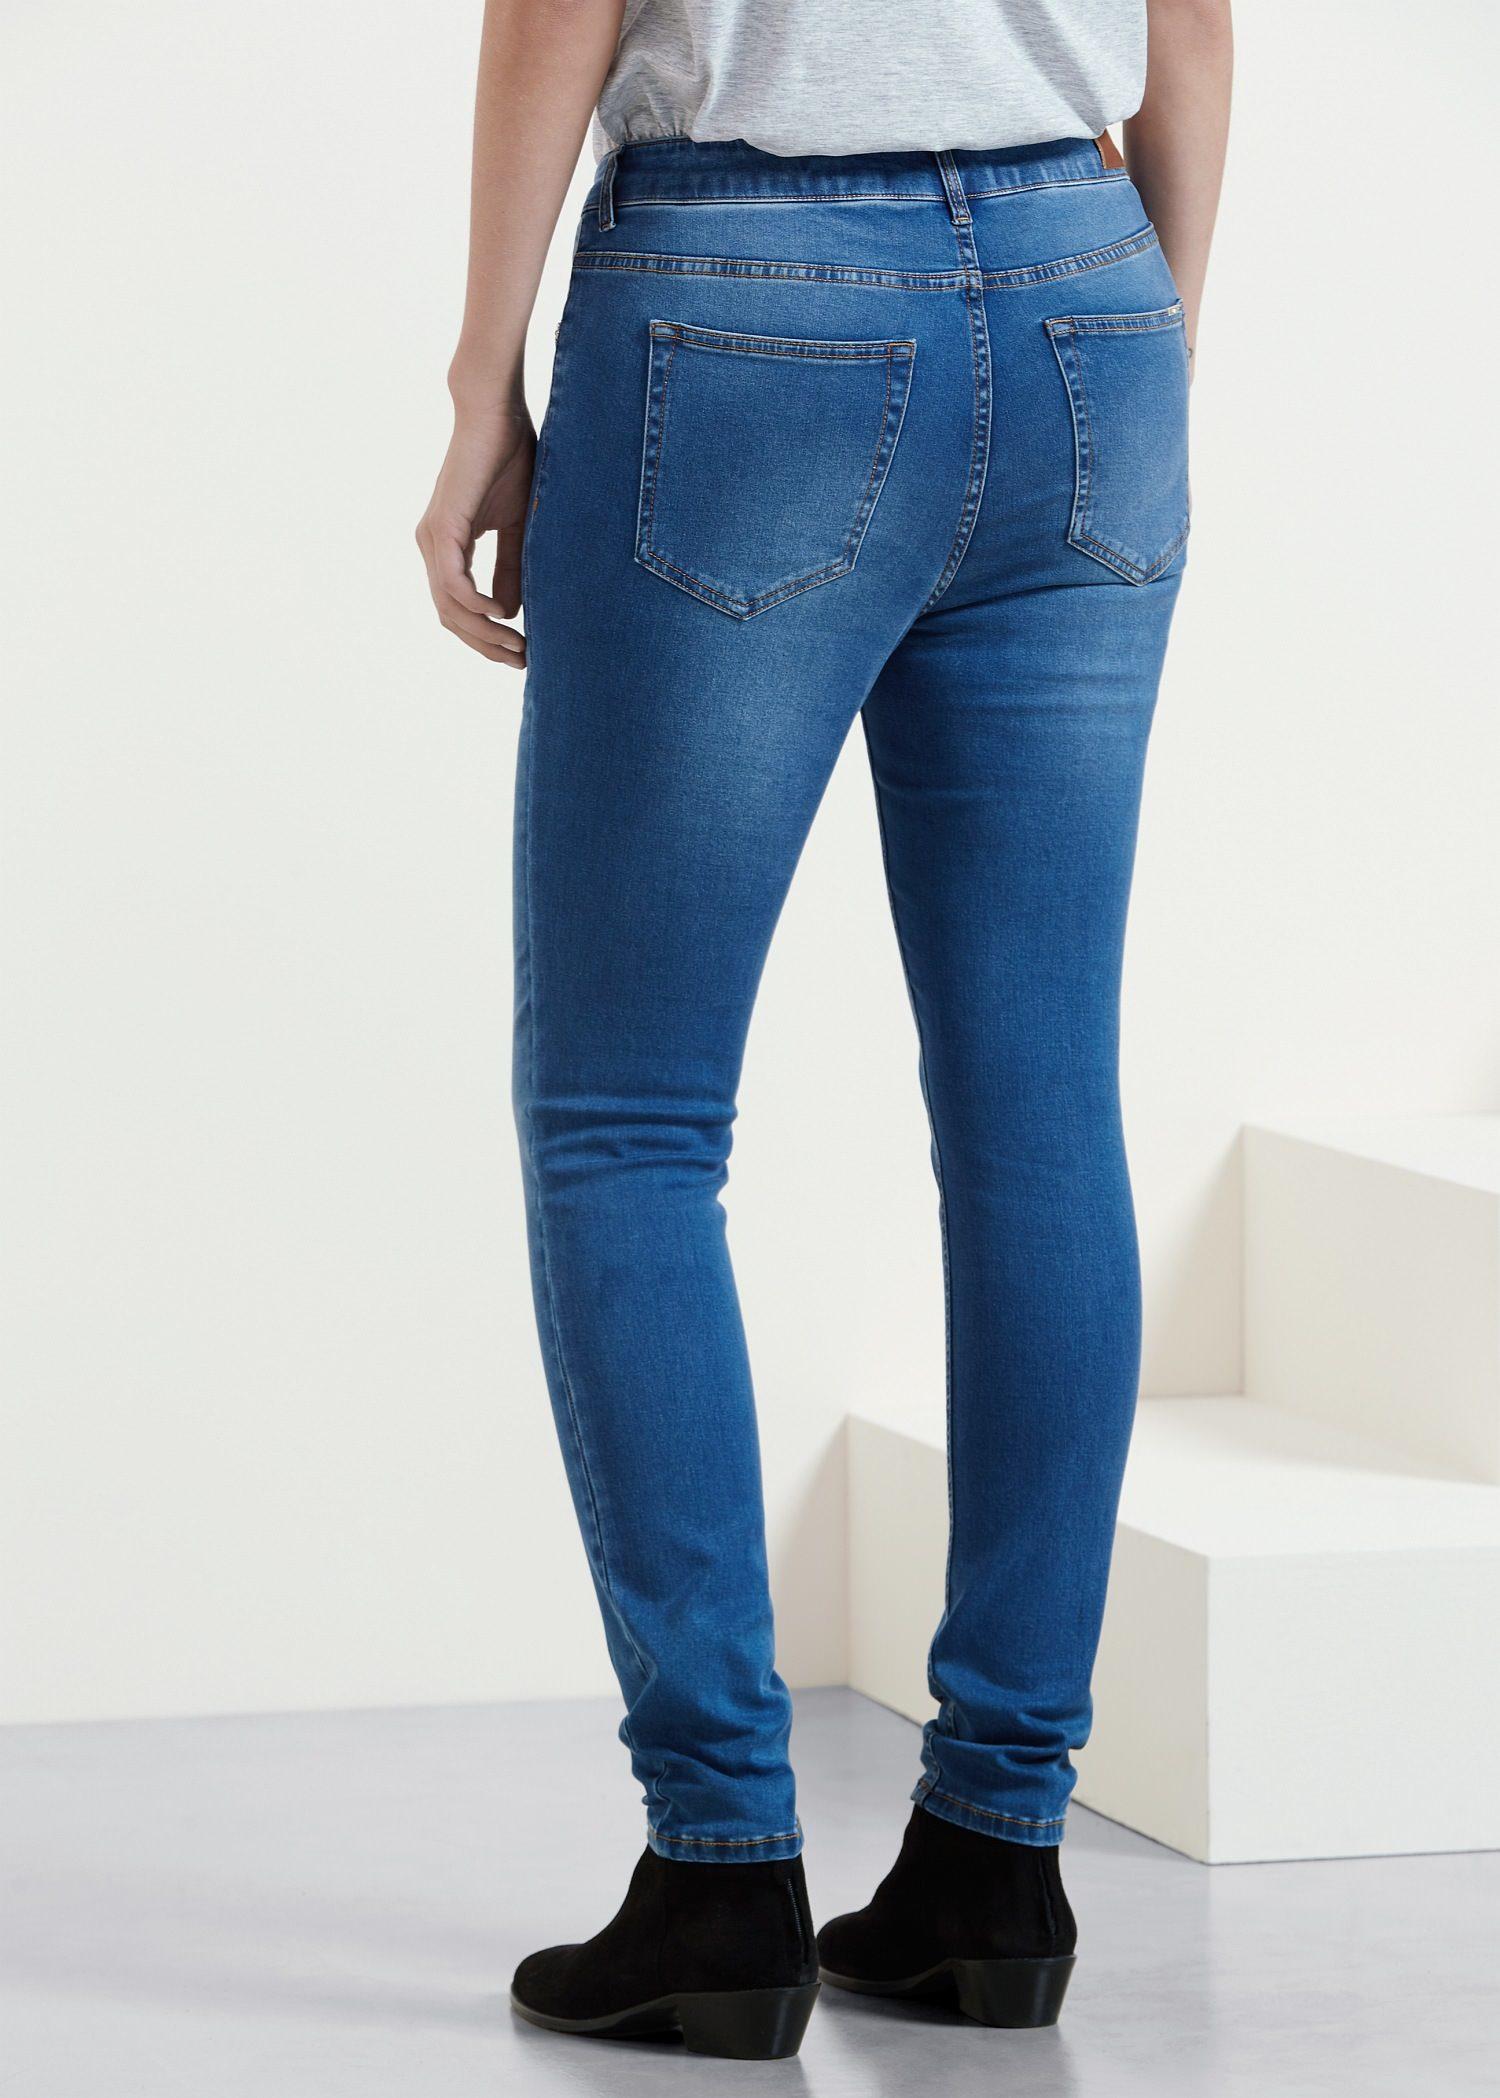 Violeta By Mango Super Slim Fit Silvia Jeans In Blue